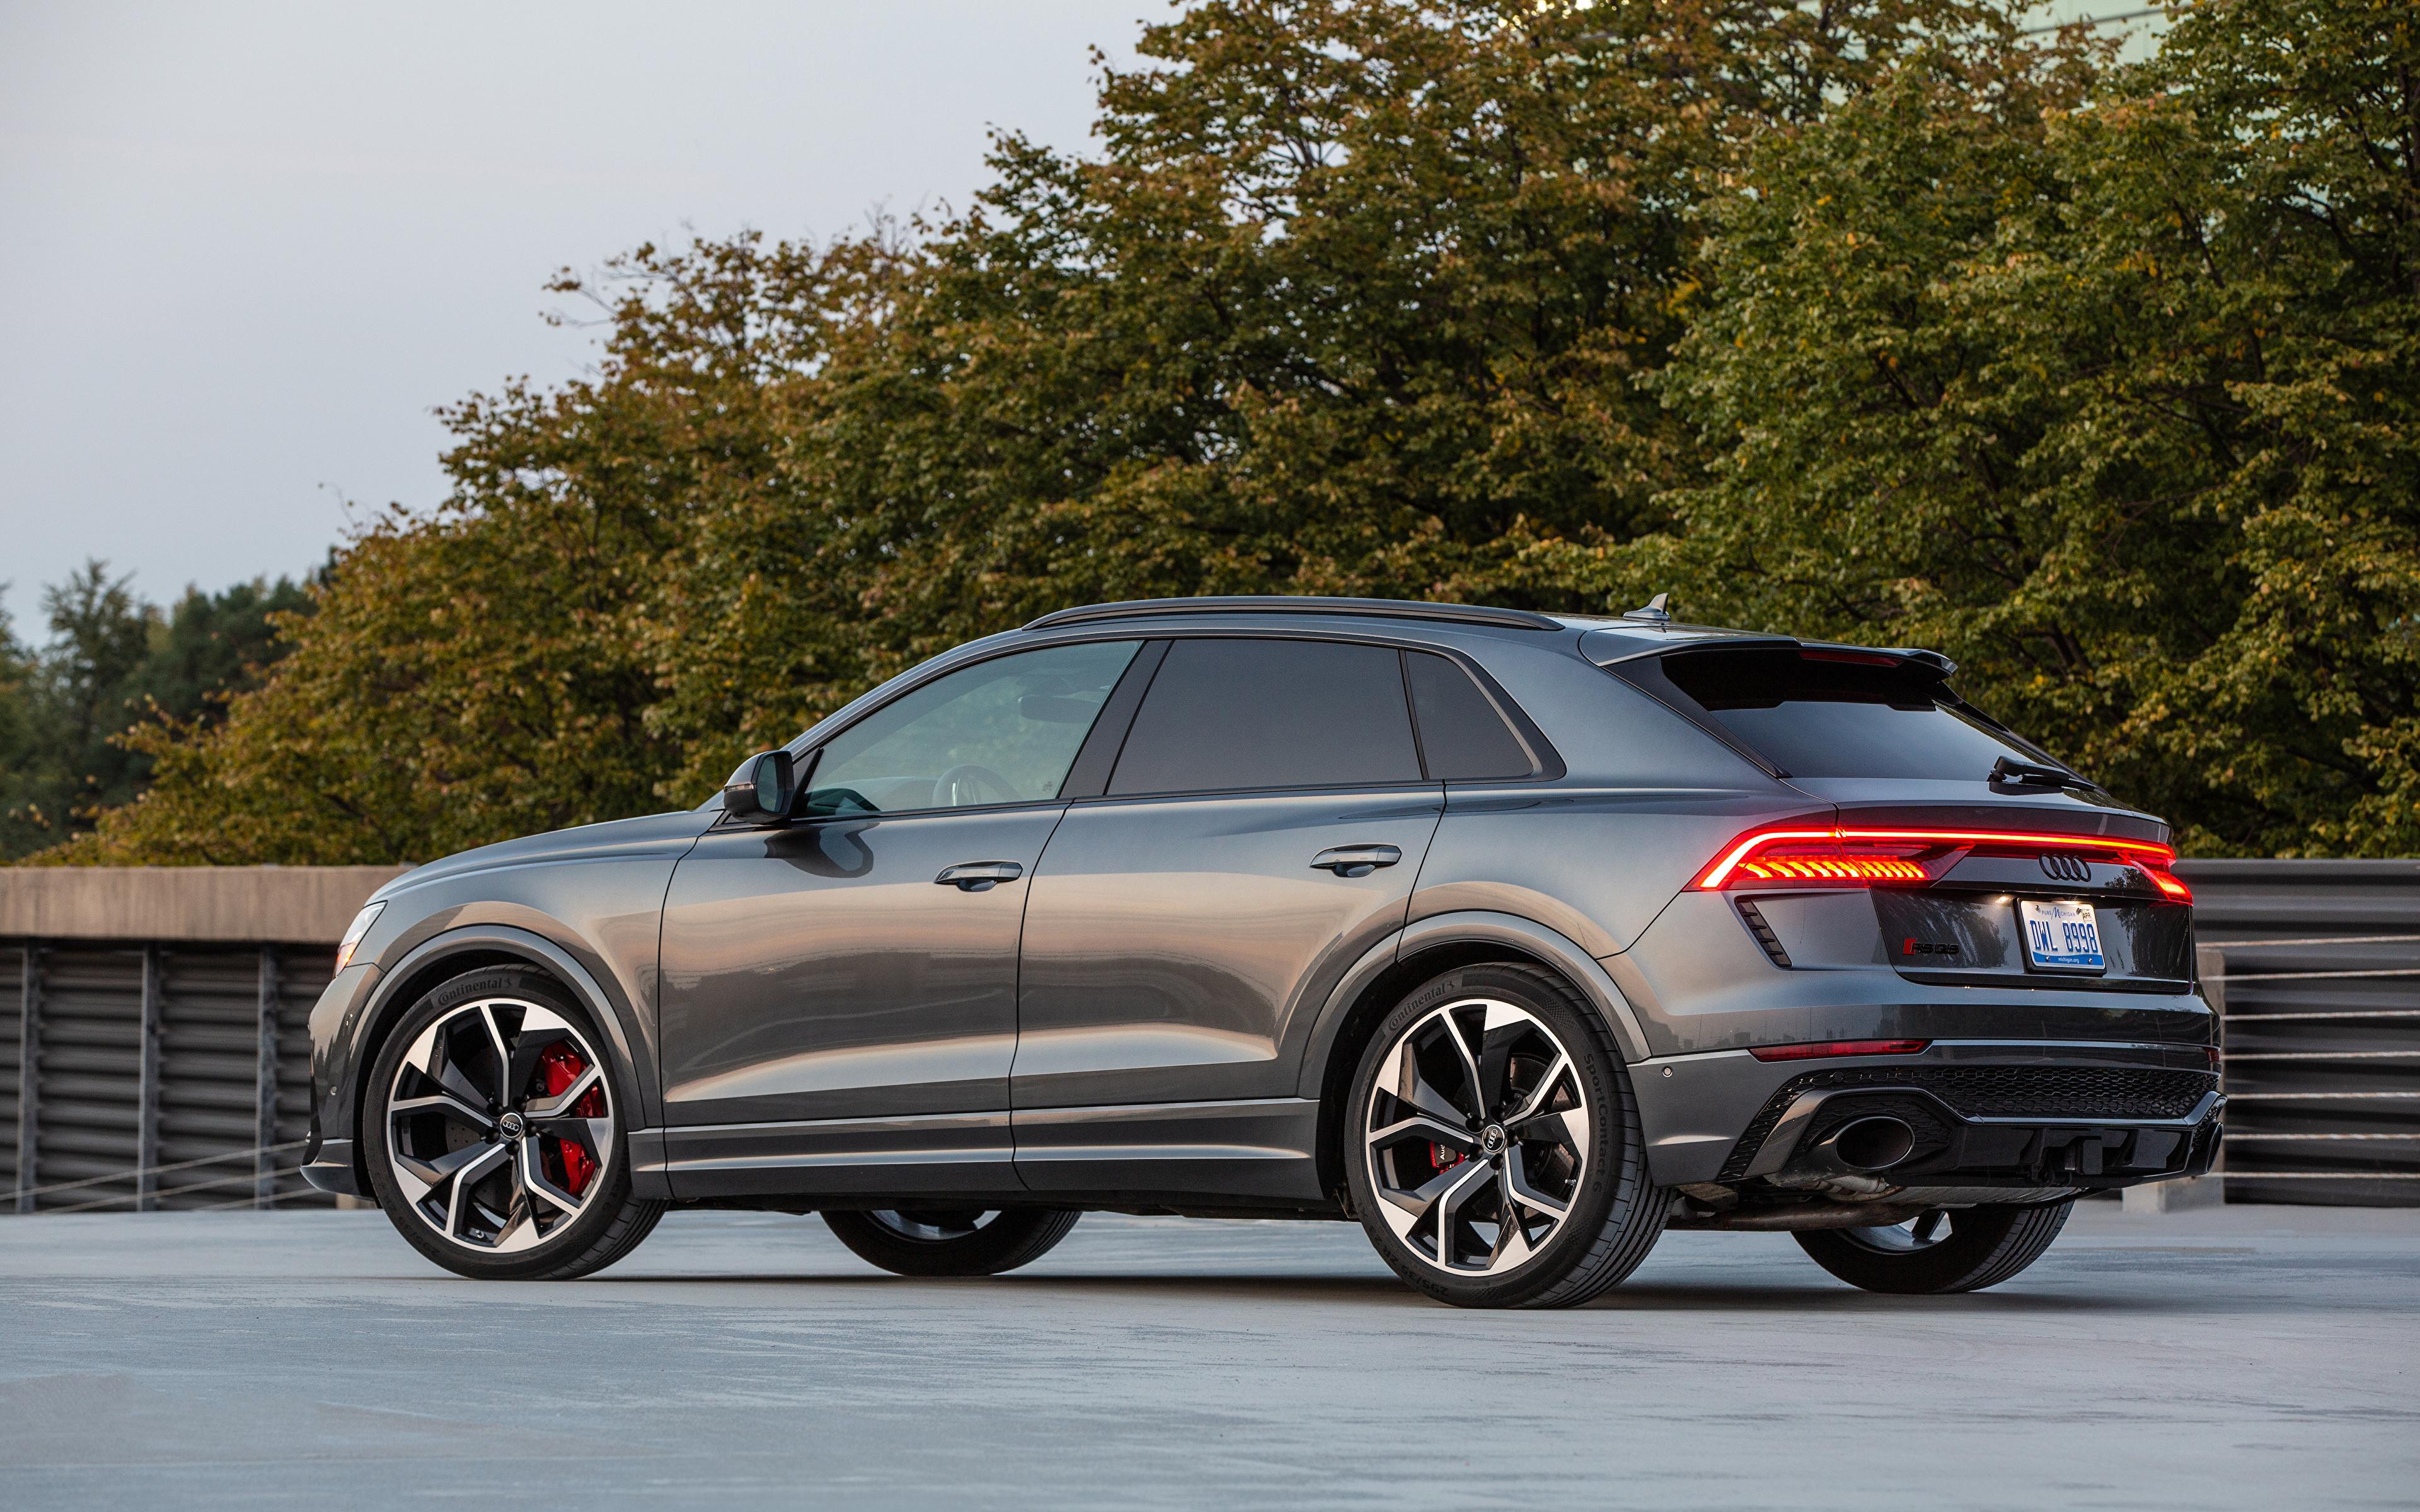 Фотография Audi RS Q8, North America, 2020 Серый Сбоку Металлик Автомобили 3840x2400 Ауди серая серые авто машины машина автомобиль